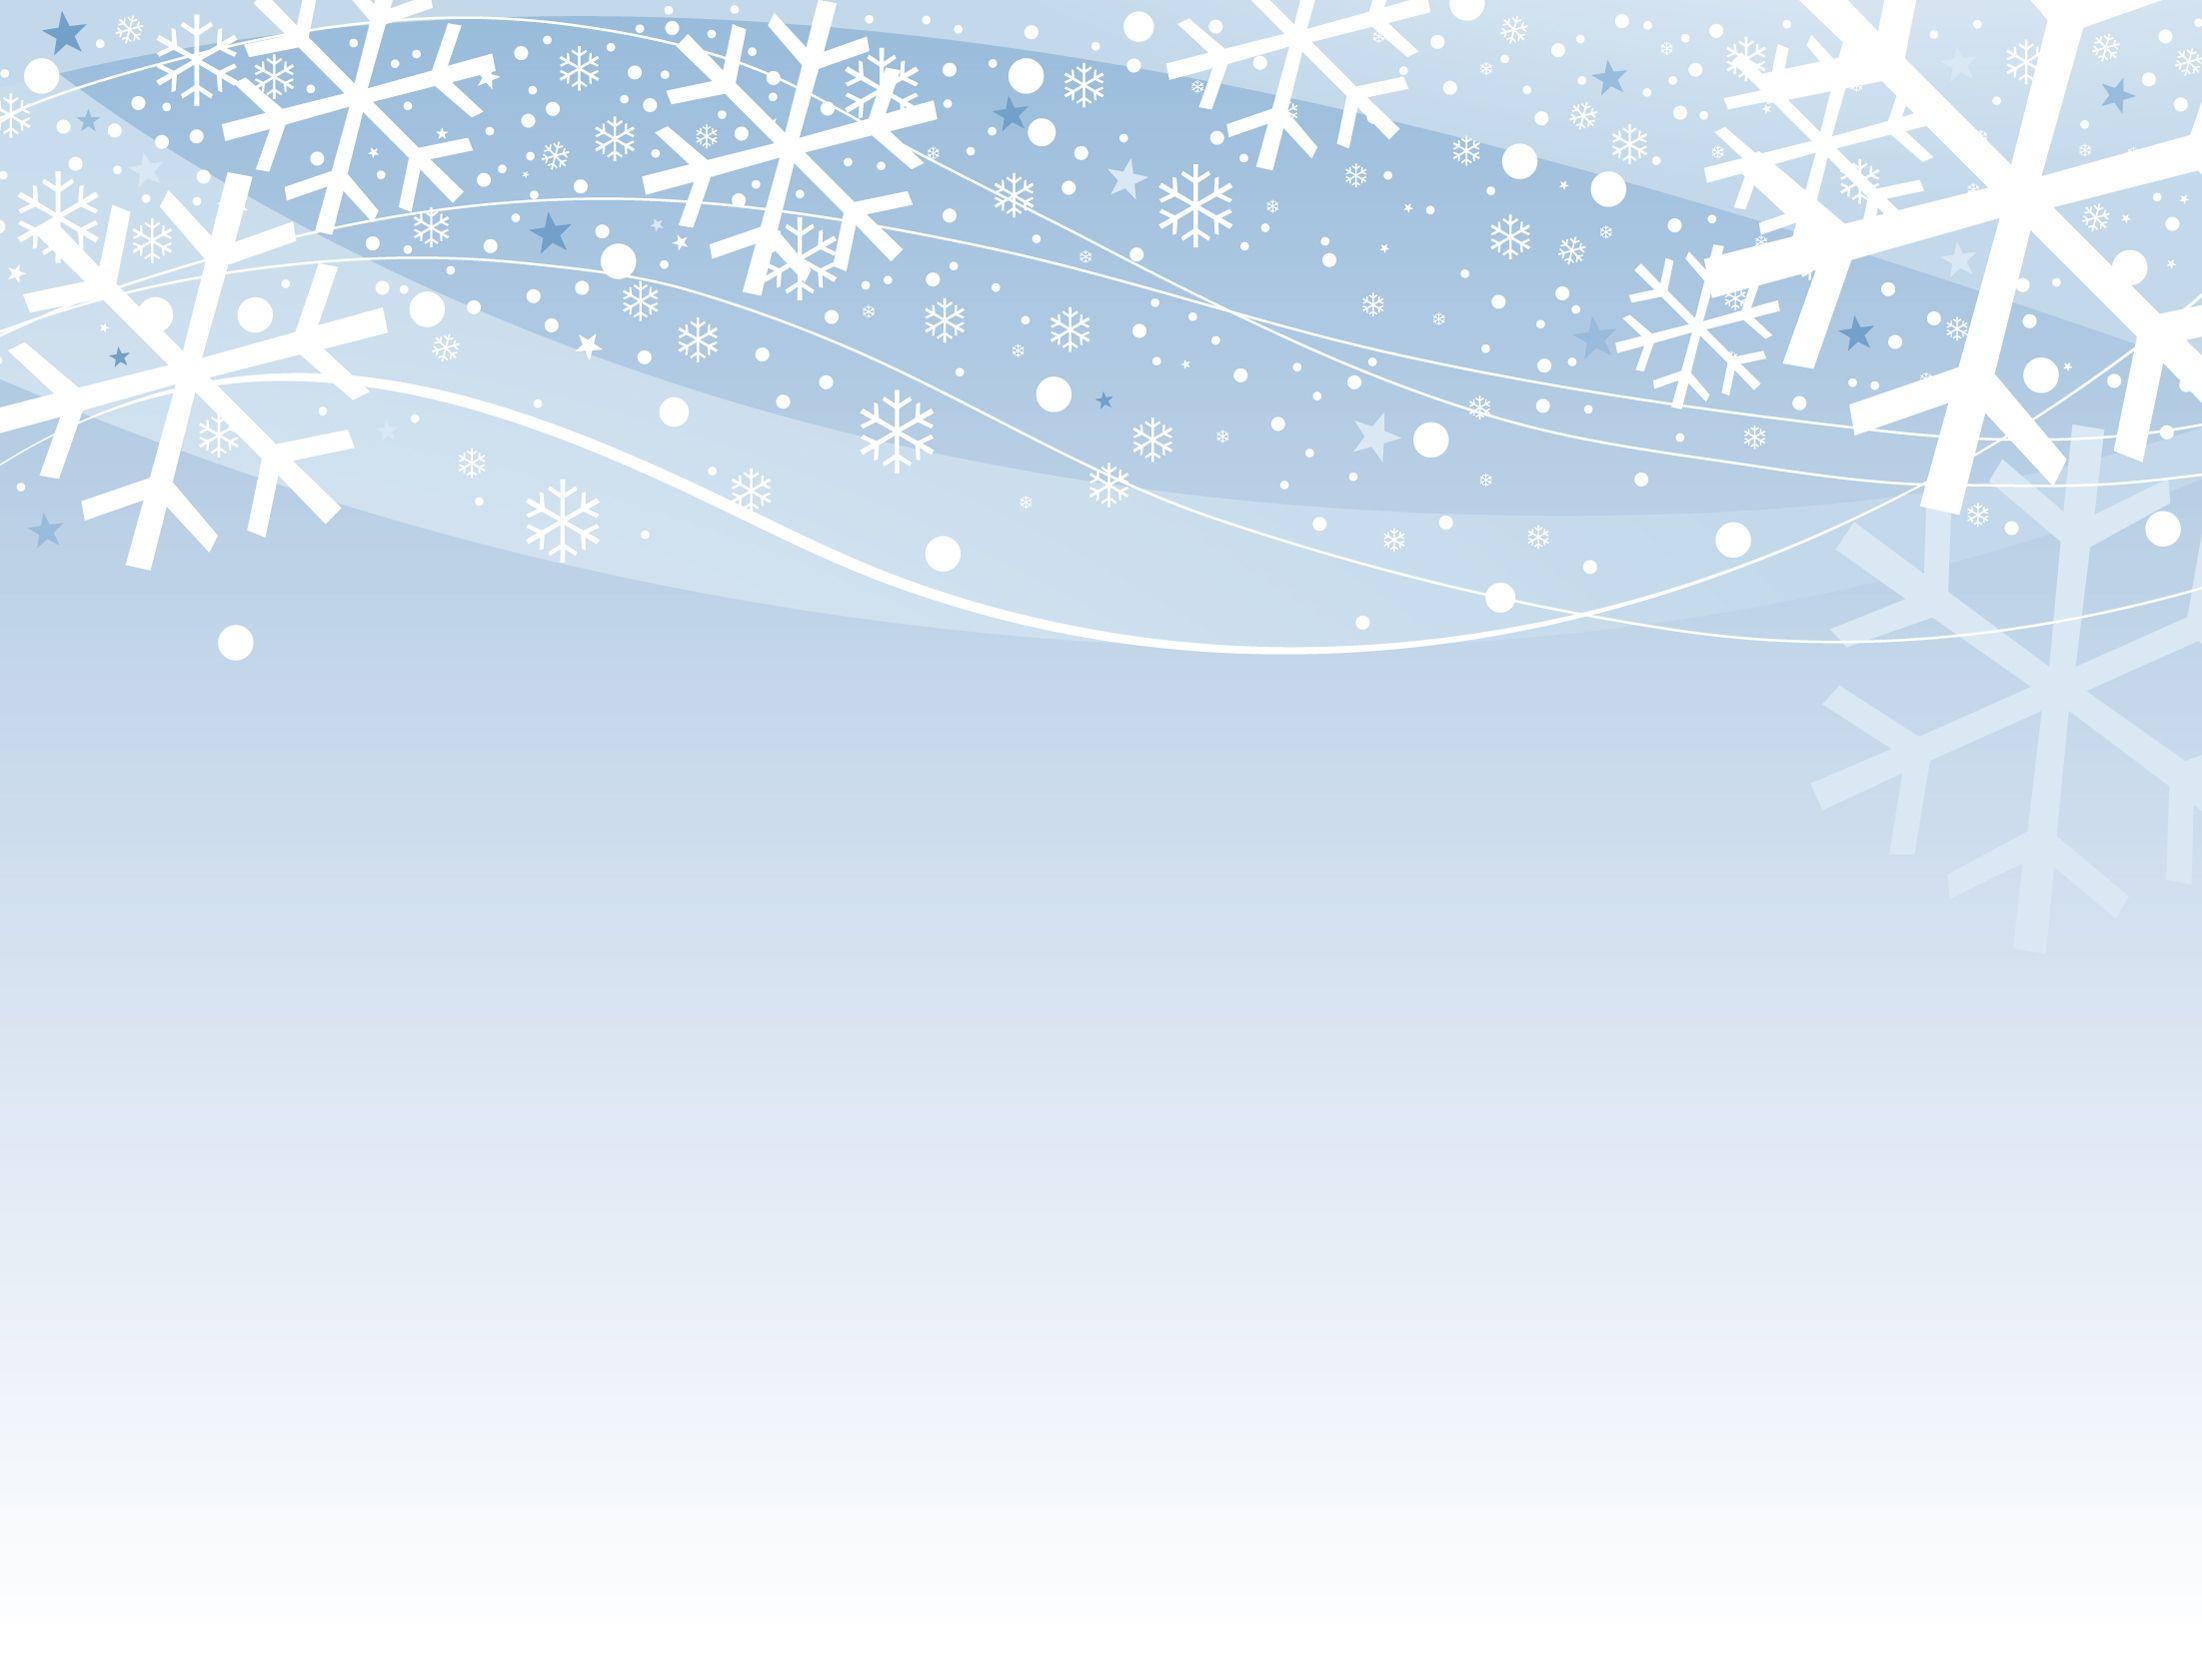 Fondo Escritorio Nevada Navideña: Fondos De Navidad Para Power Point Para Pantalla Hd 2 HD